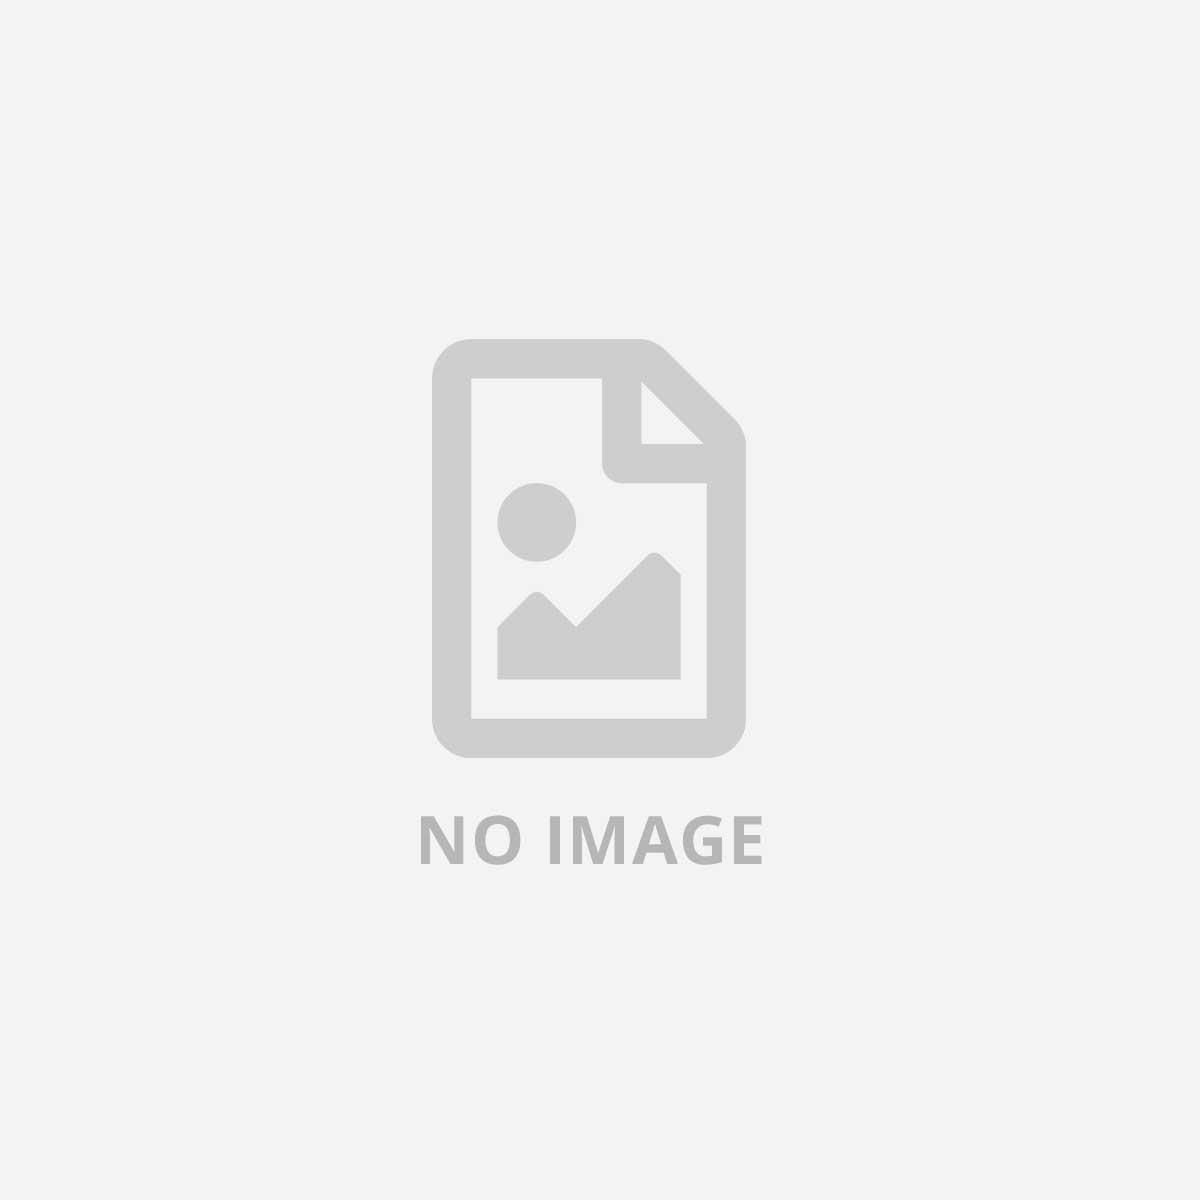 KYOCERA MIFARE ID-KEYFOB